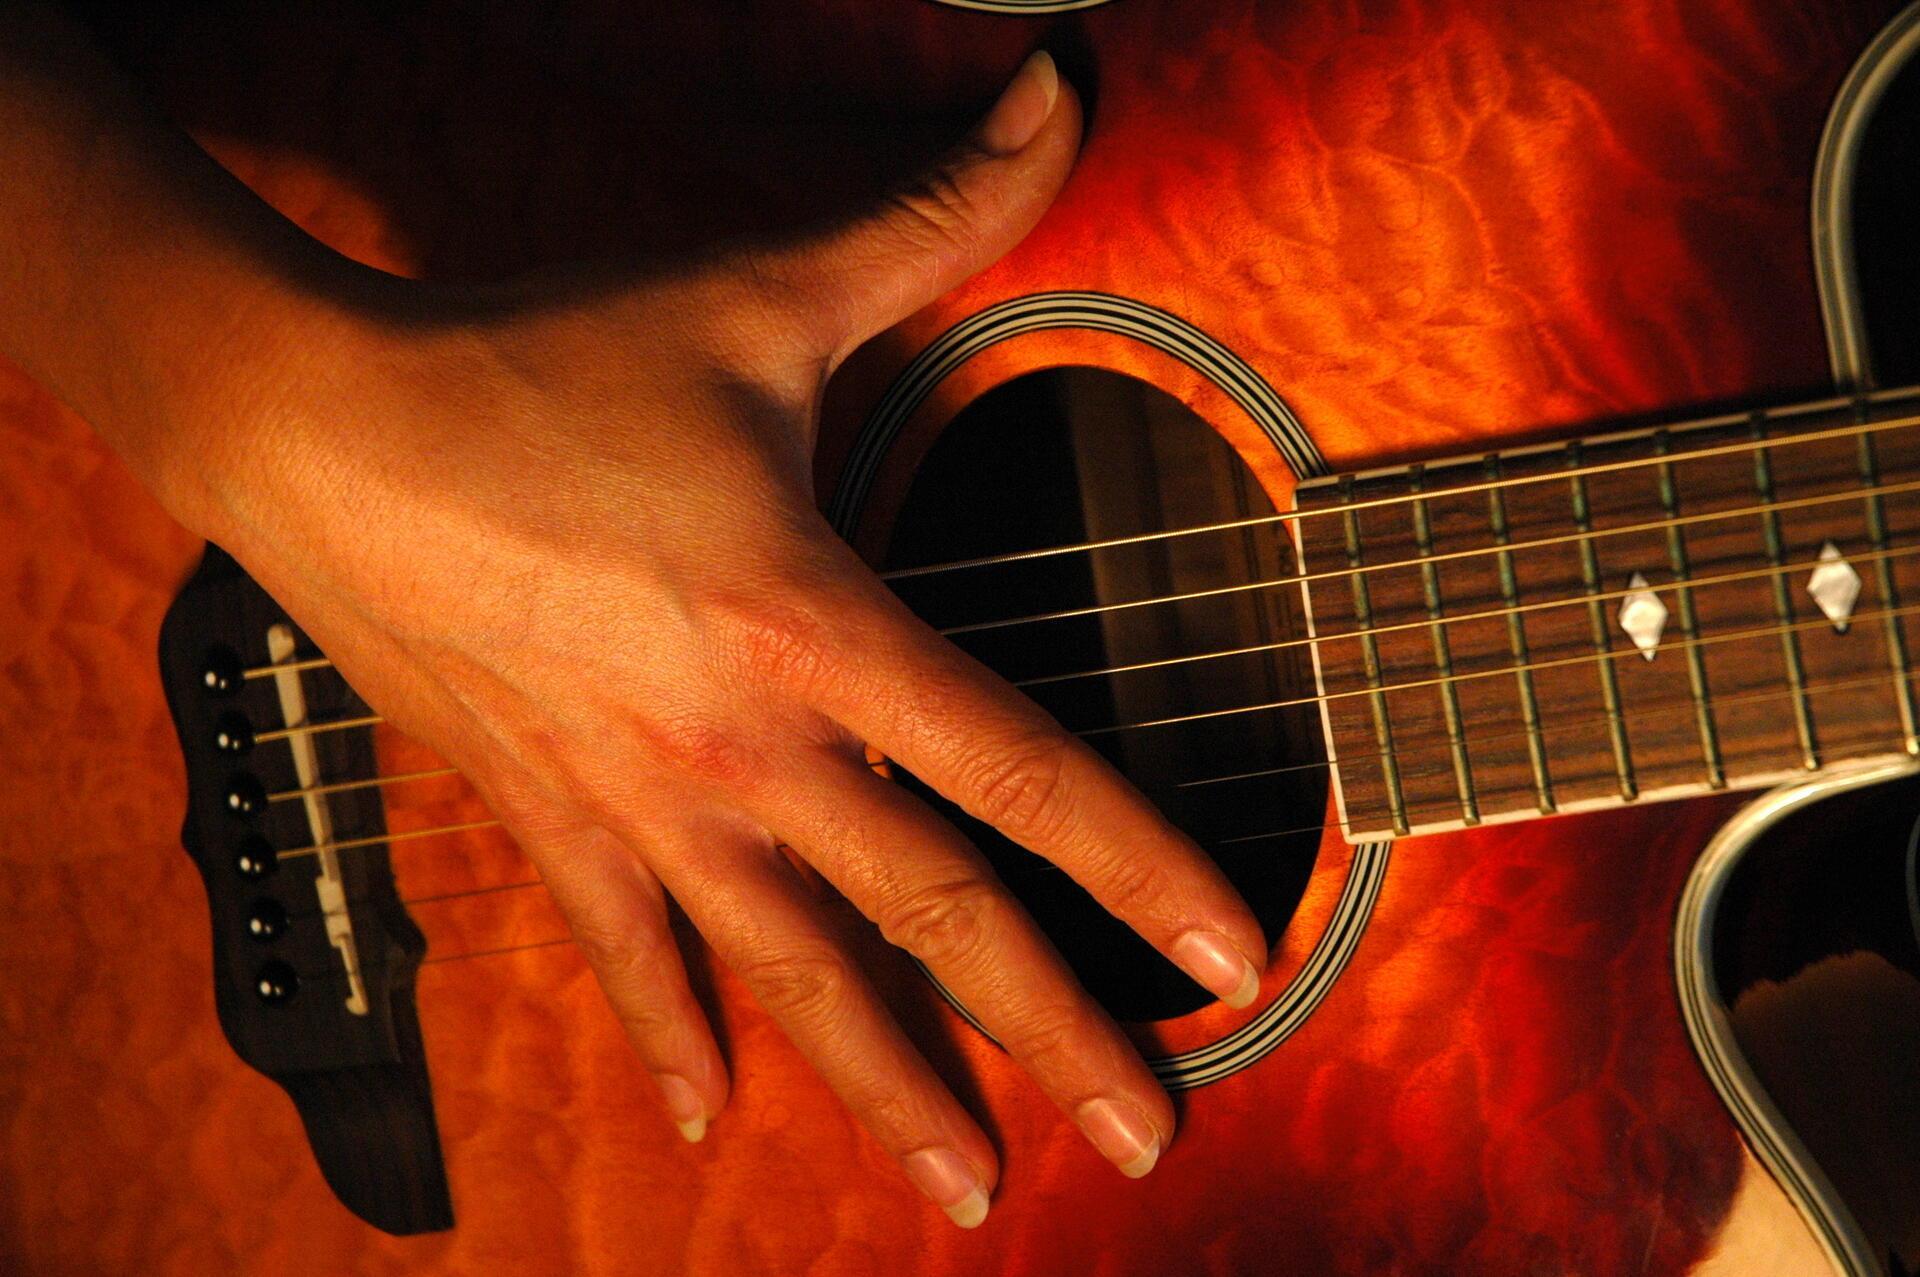 «Играй моя гитара, играй моя струна» (Под впечатлением от стиха ga-lucia)